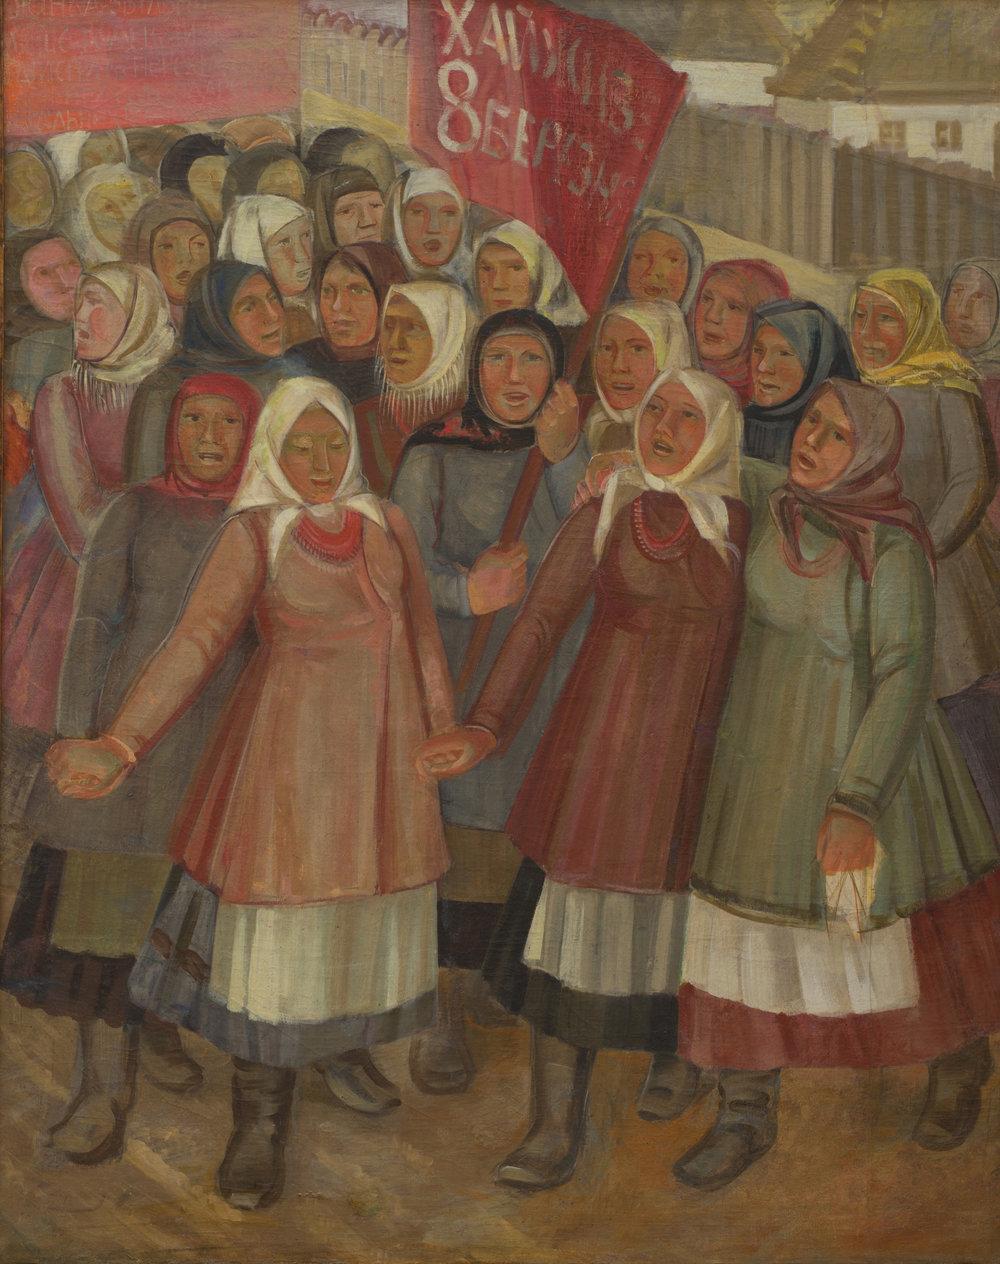 Оксана Павленко. Хай живе 8 Березня! 1930-1931. Колекція NAMU